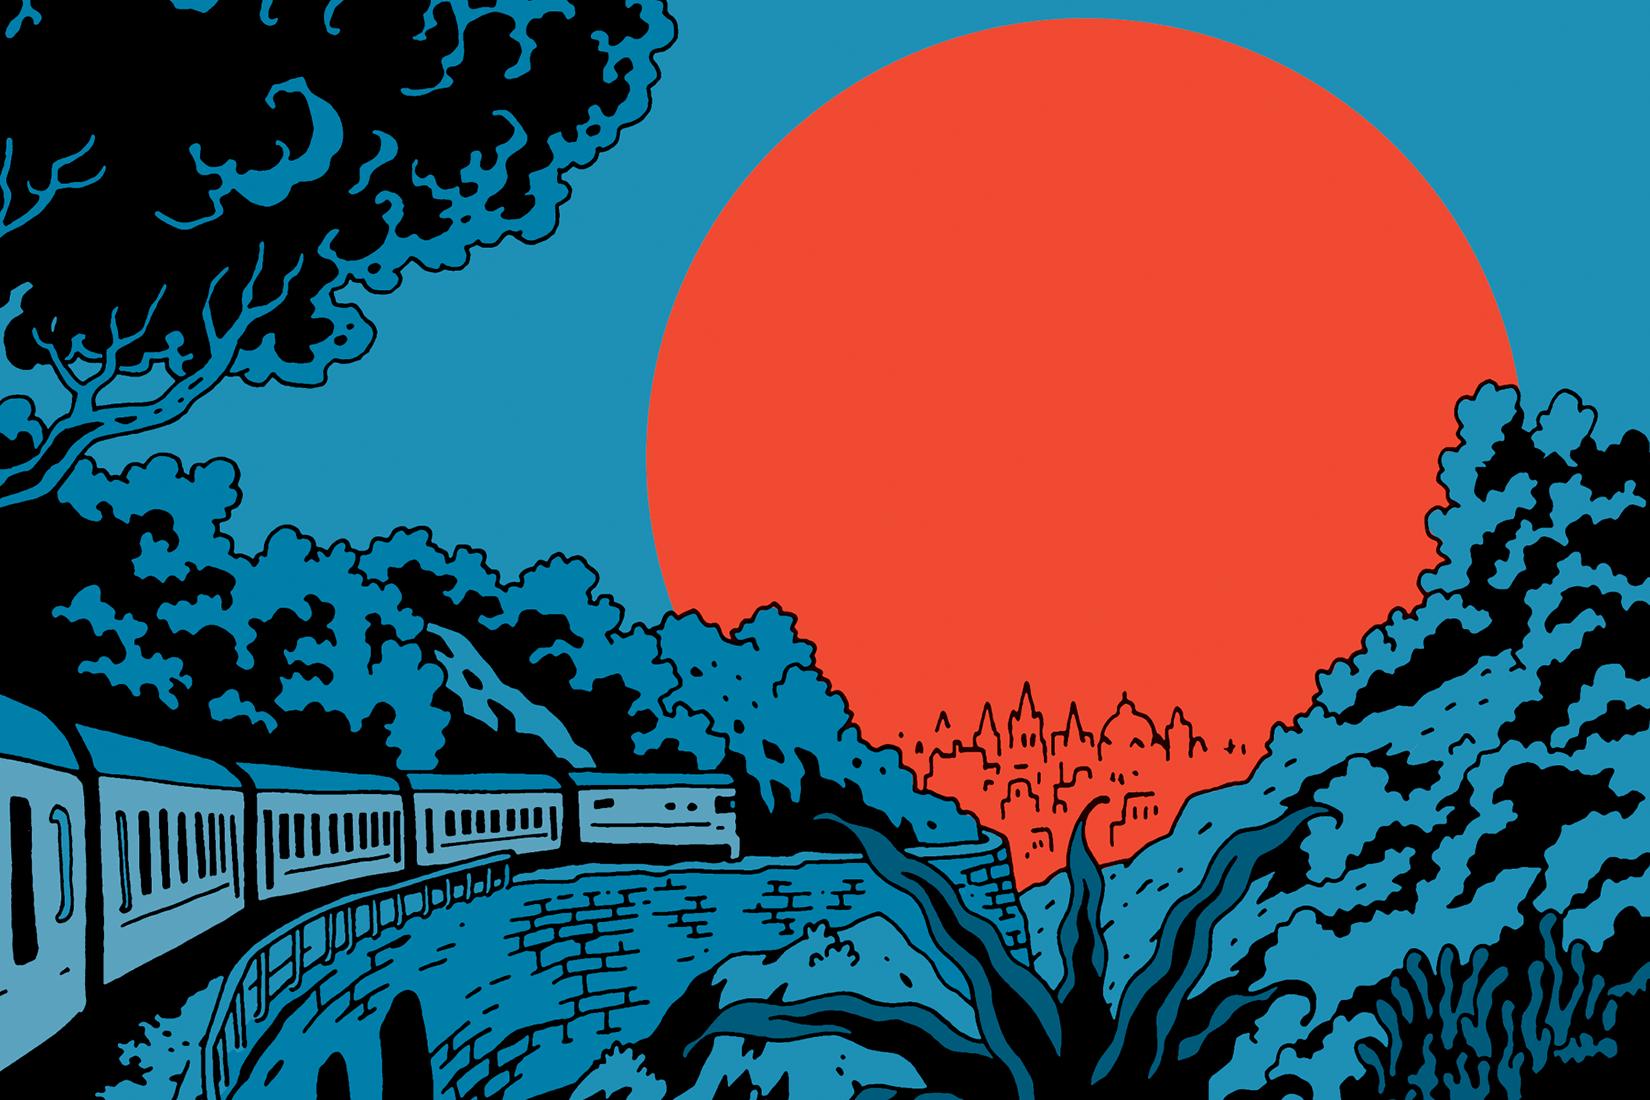 illustration graphique : un paysage bleue t noir avec un trian qui passe à travers la forêt et un soleil orange qui semble se coucher.